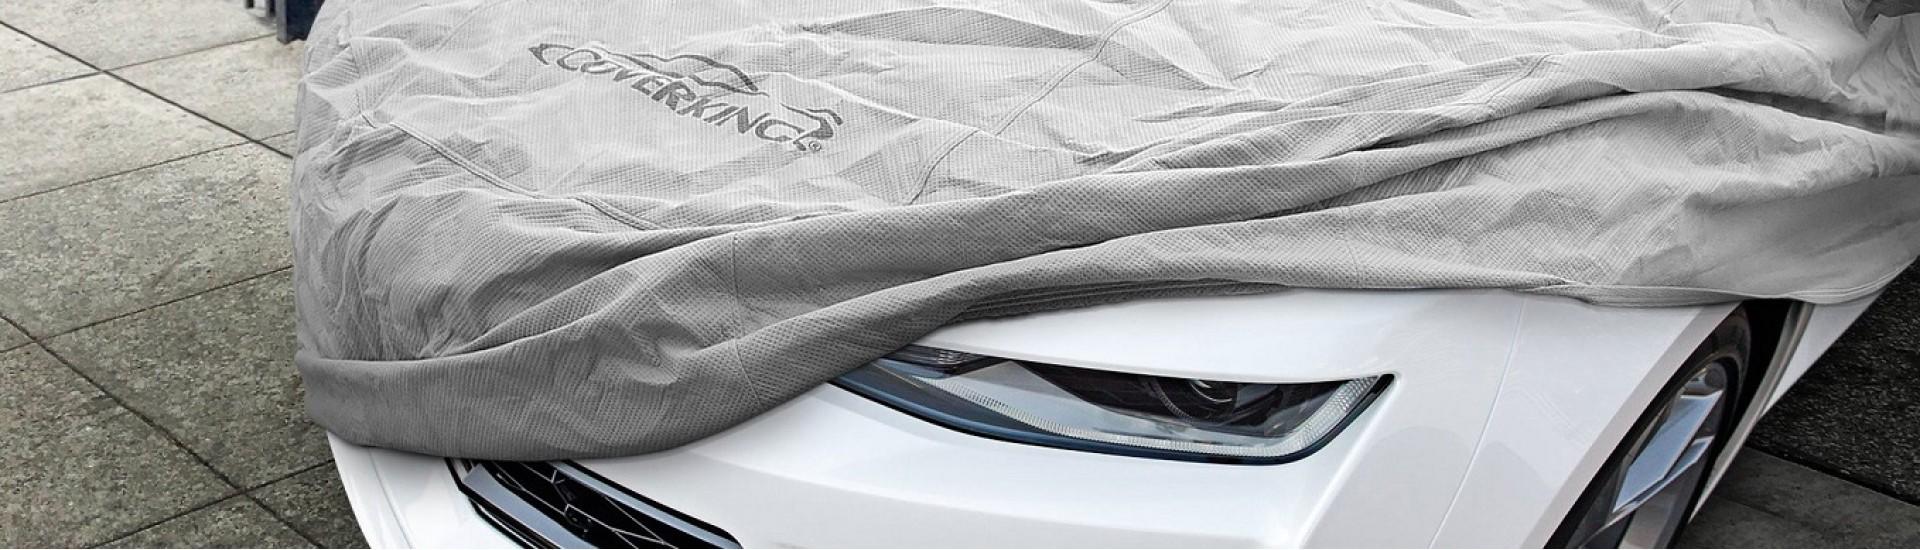 چادر ماشین ، قیمت چادر ماشین، custom car covers